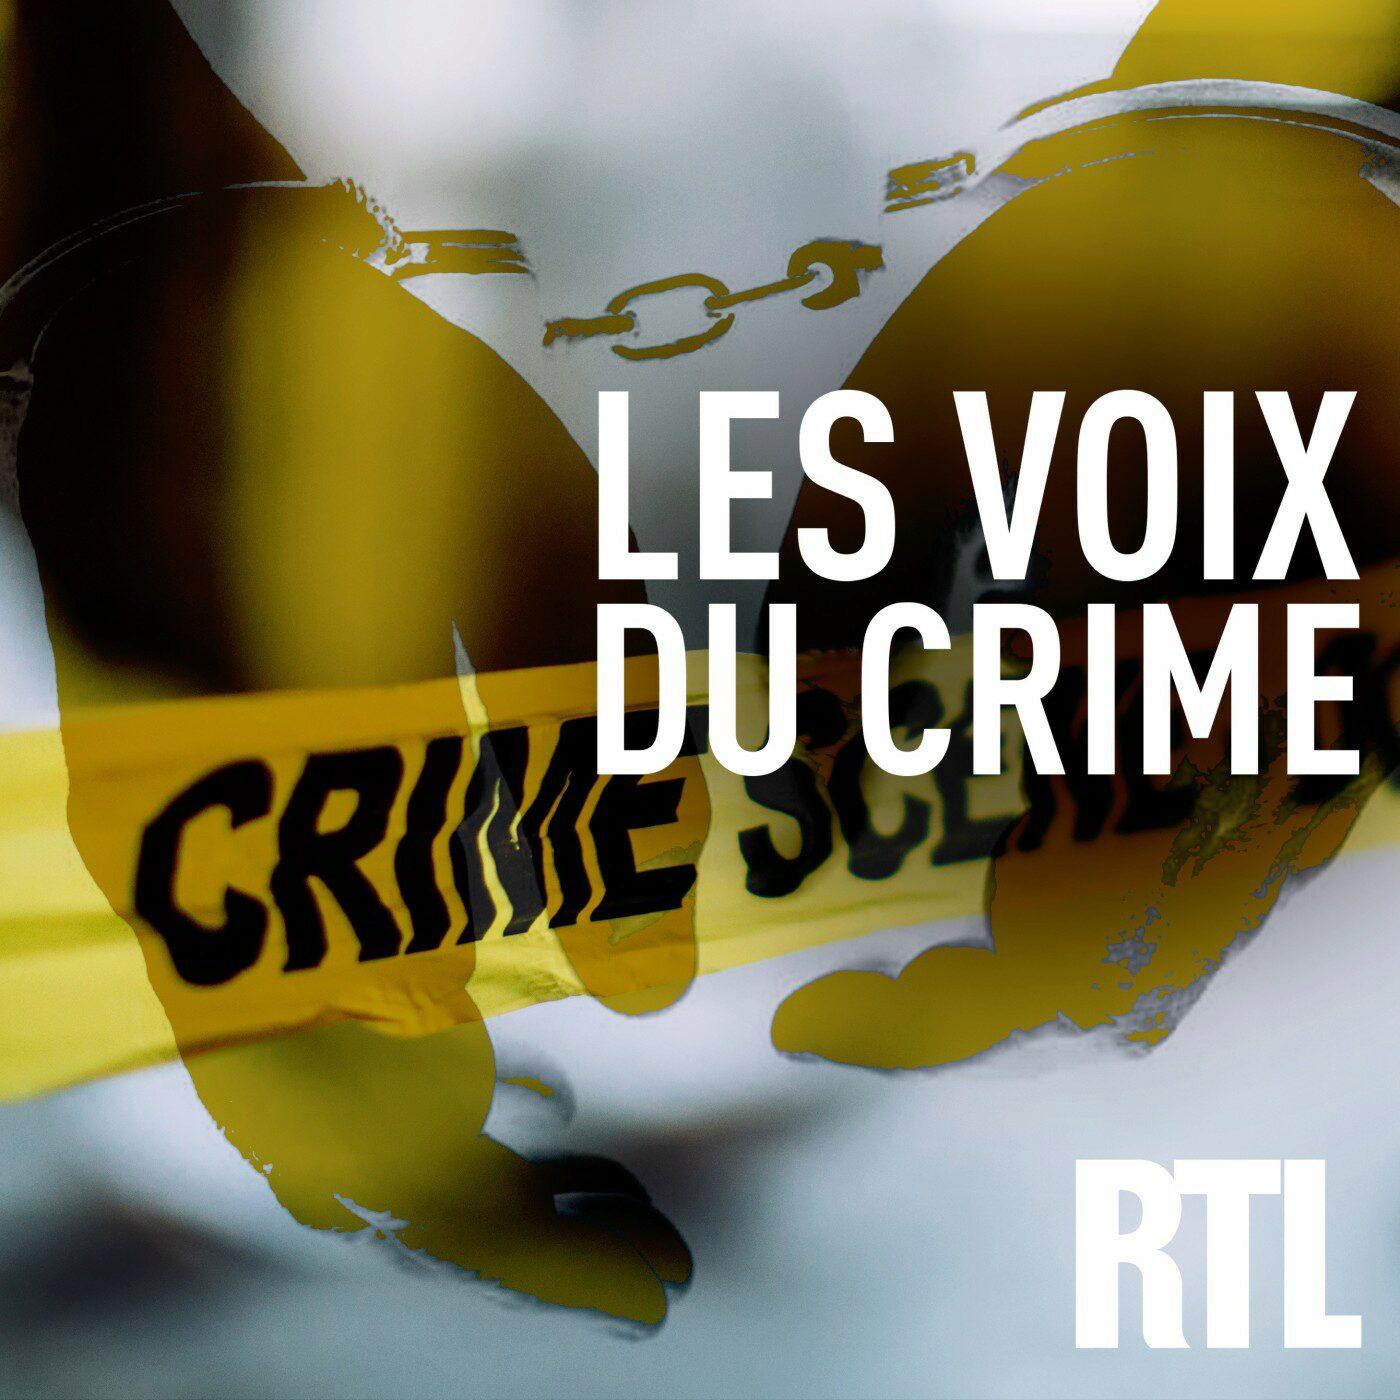 DÉCOUVERTE : Les voix du crime - Meurtre d'Anne Barbot : comment les « amants diaboliques » ont été confondus